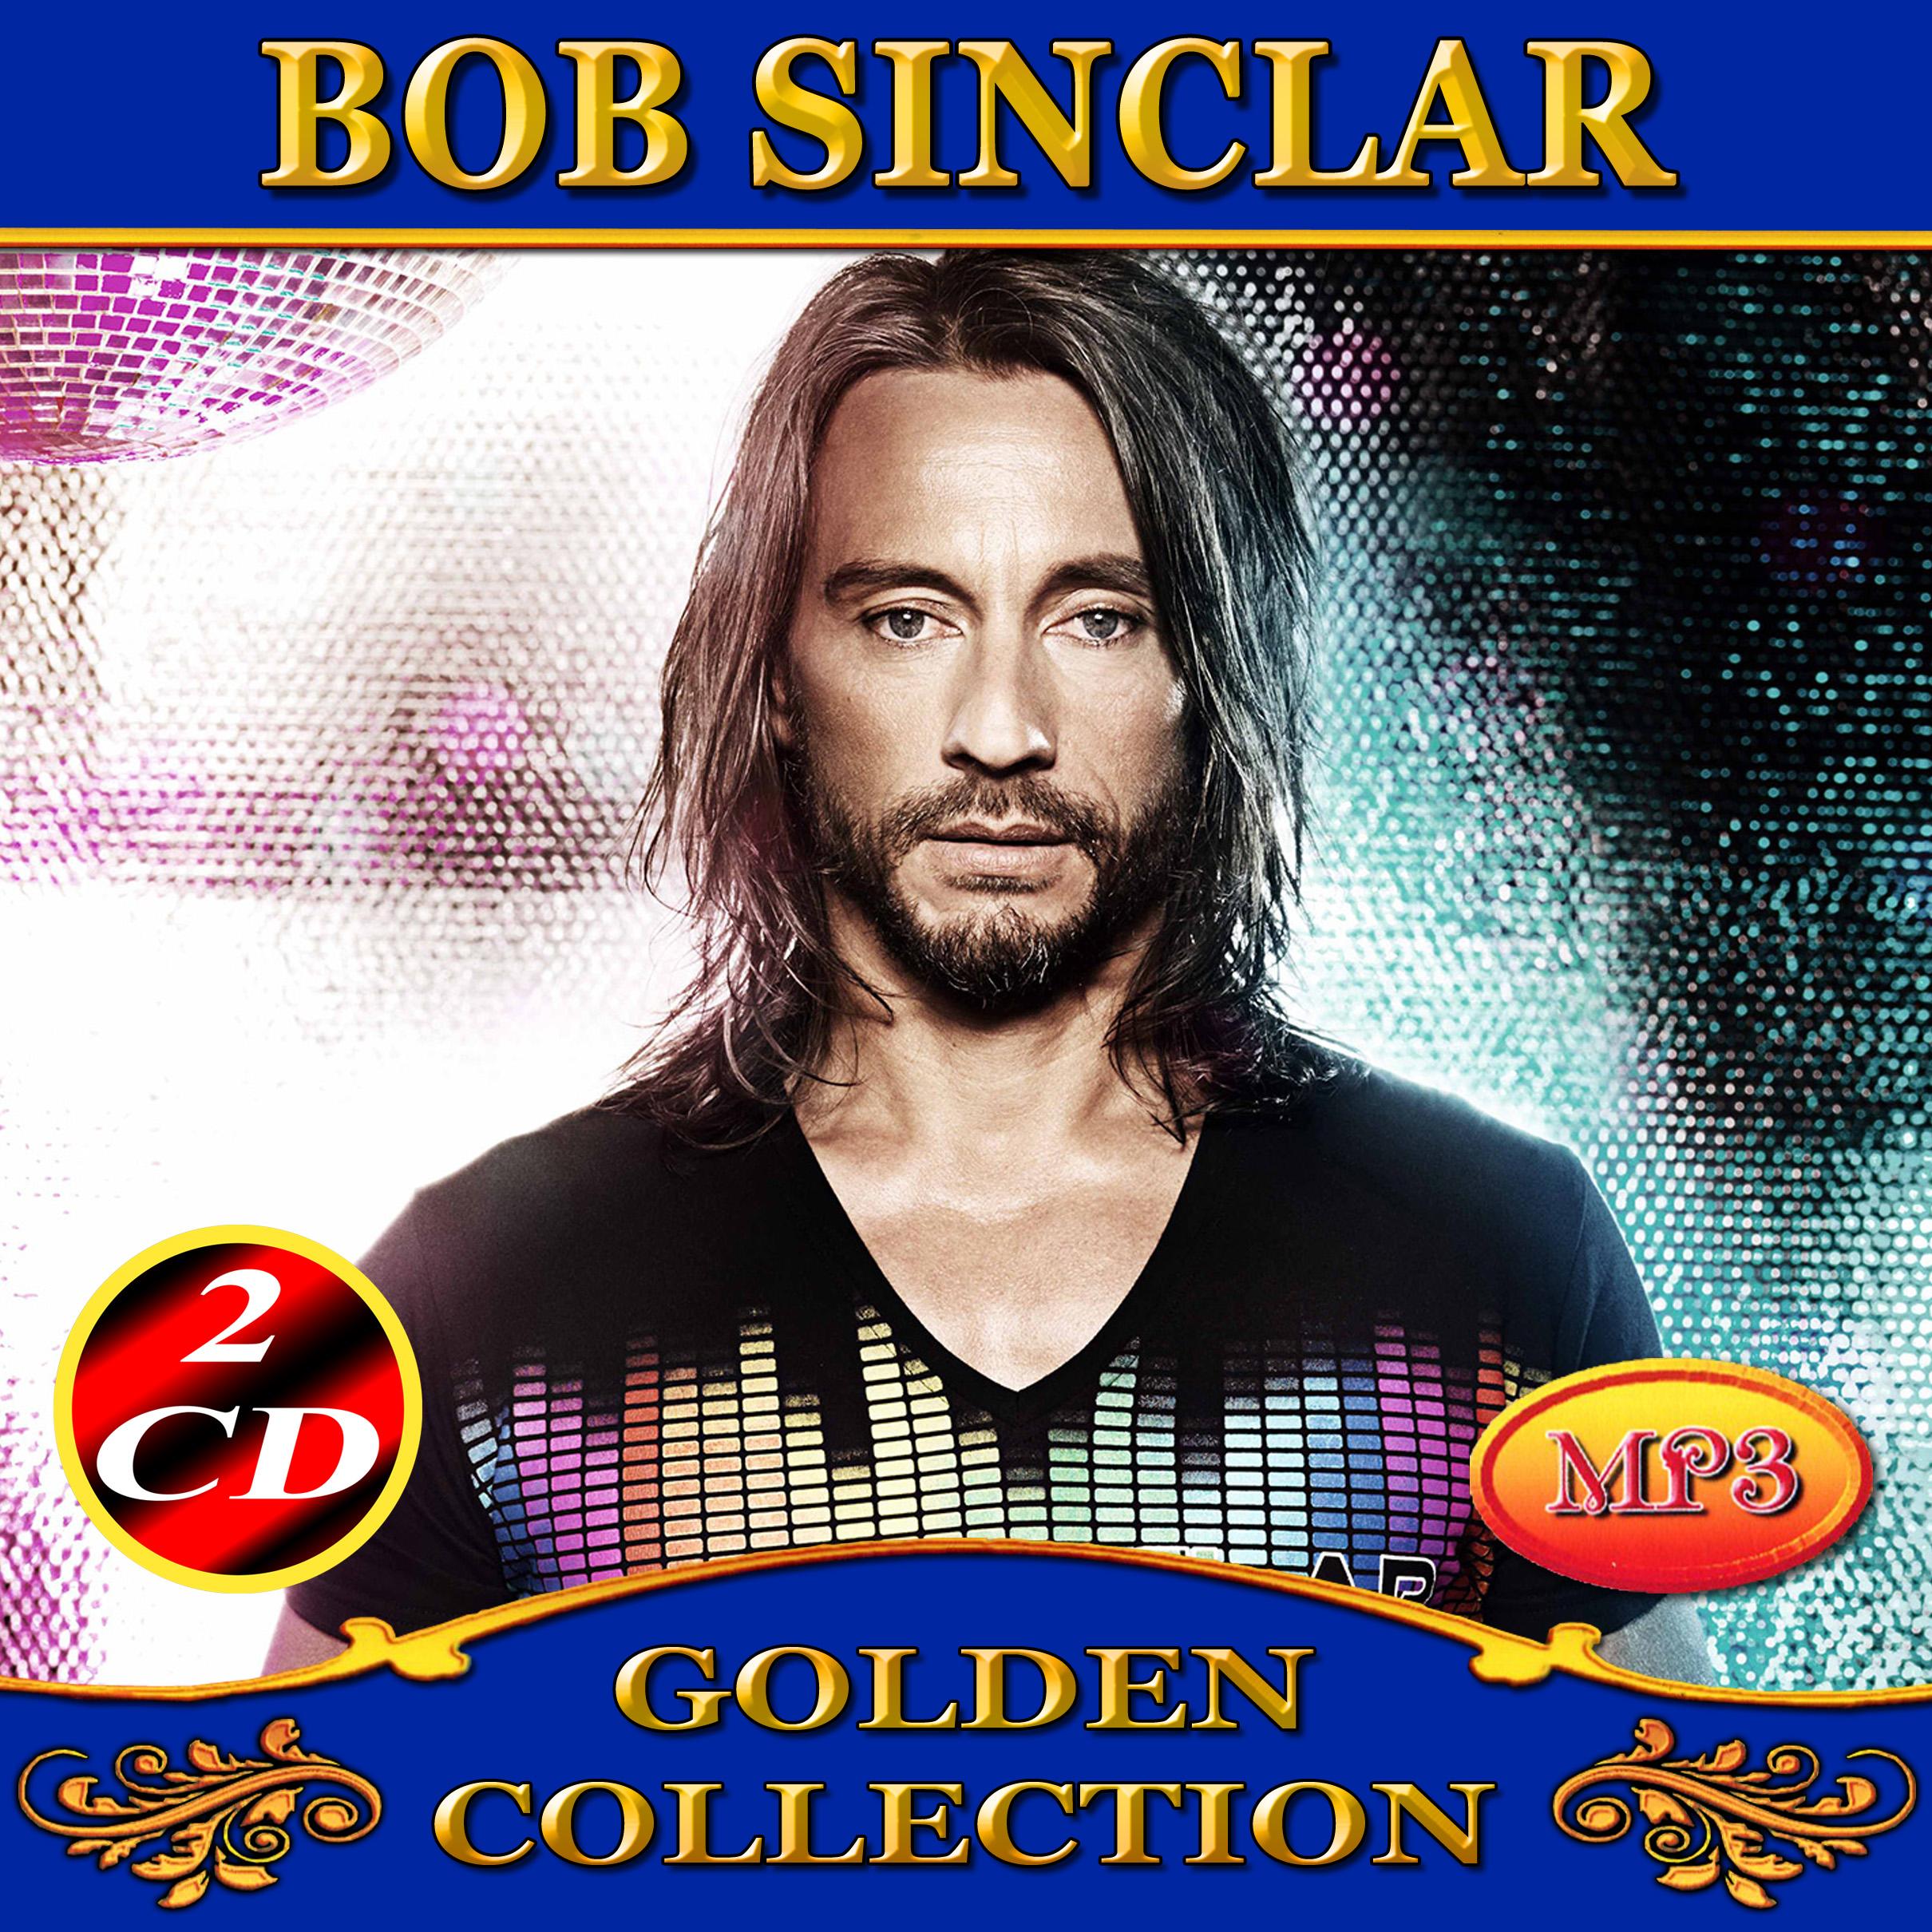 Bob Sinclar 2cd [mp3]